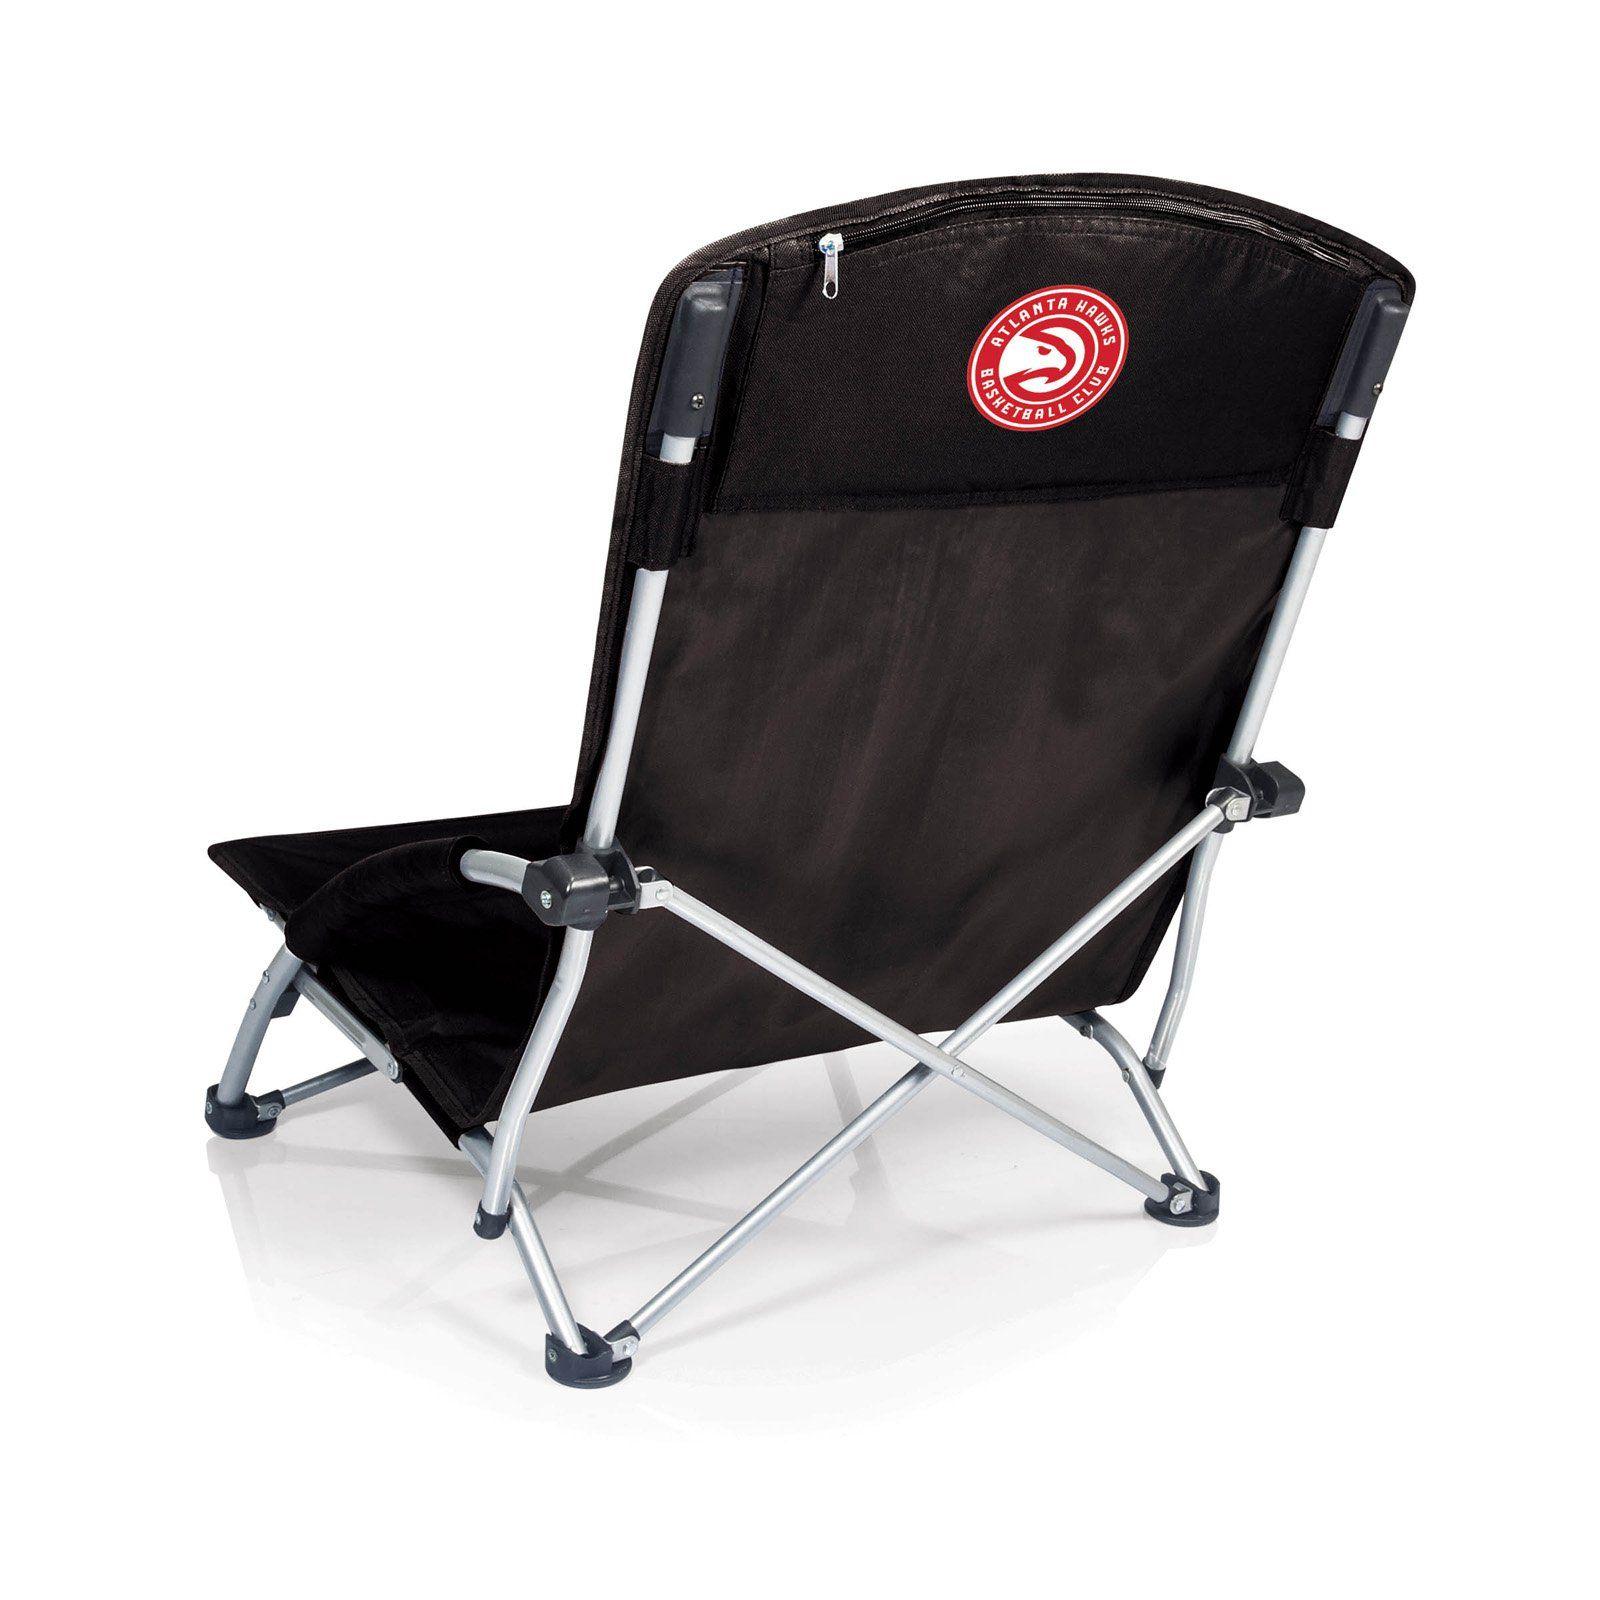 Outdoor Picnic Time Nba Tranquility Beach Chair Black Beach Chairs Portable Folding Beach Chair Beach Chairs